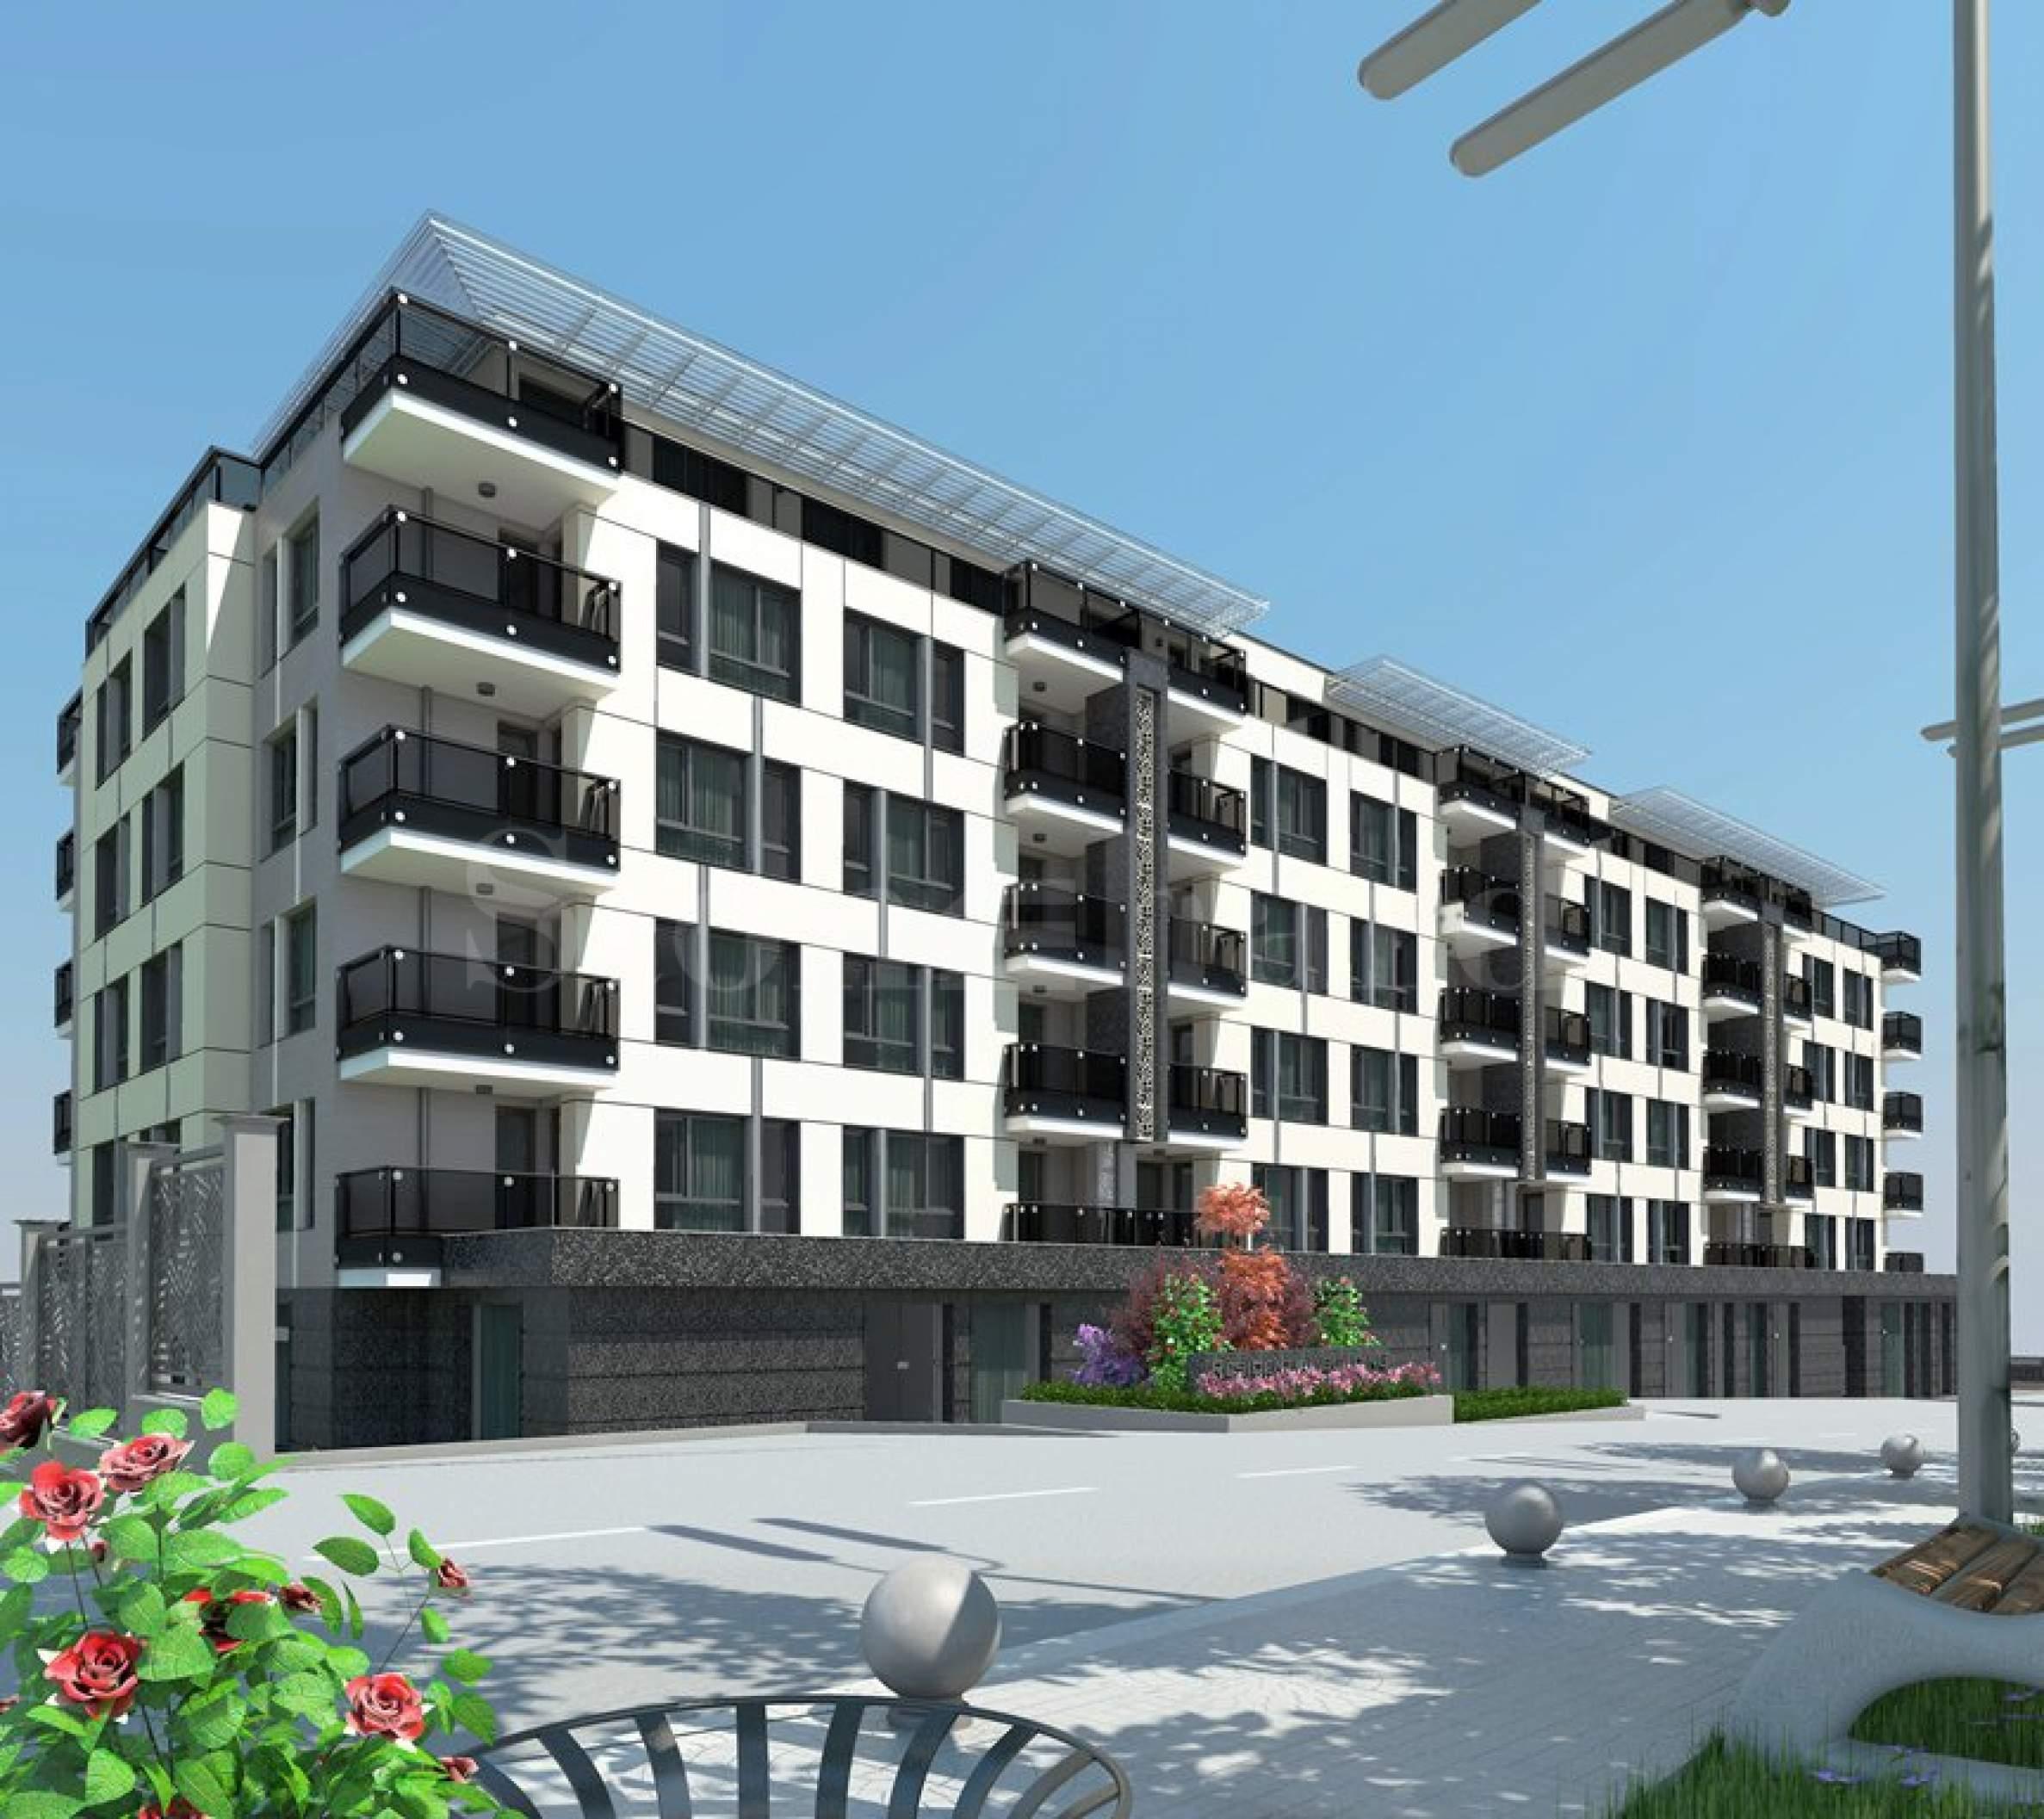 Нови апартаменти в кв. Витоша2 - Stonehard